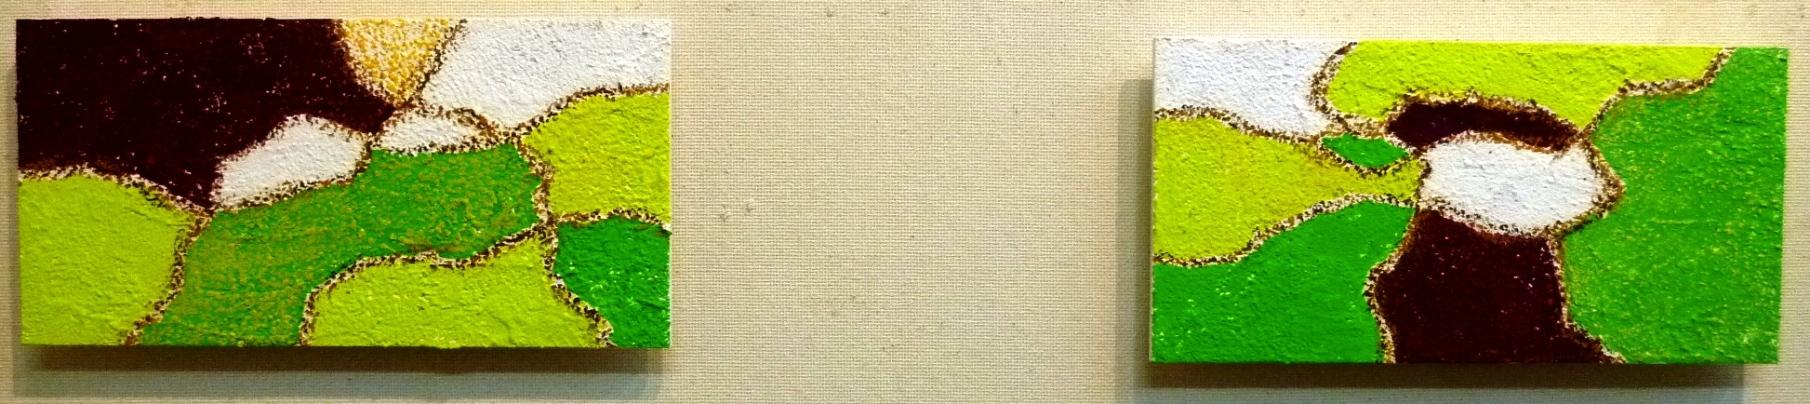 1482) 「守分美佳・展」・ミヤシタ  3月2日(水)~3月20日(日)  _f0126829_14433130.jpg